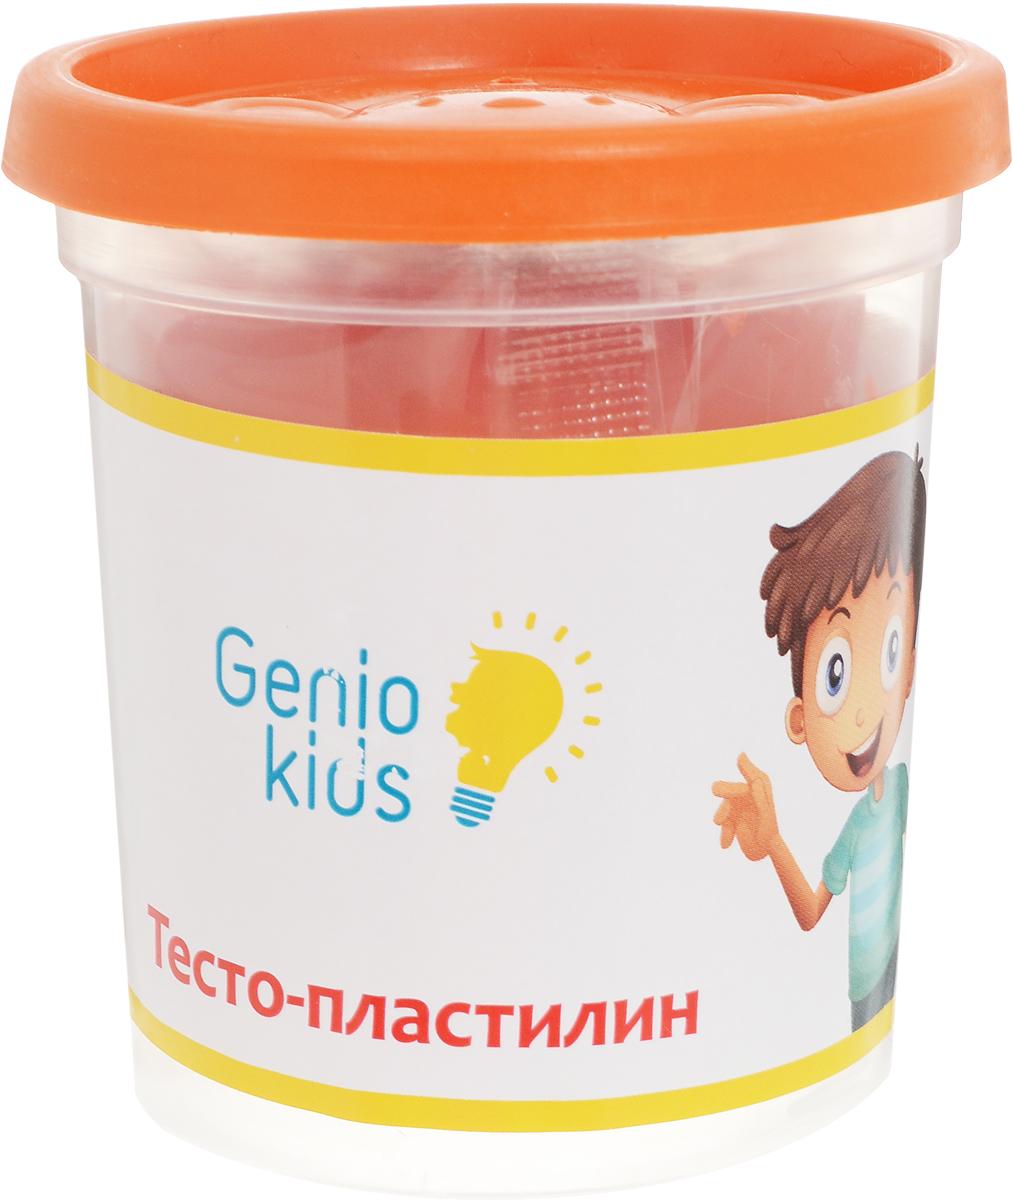 Genio Kids Тесто-пластилин цвет оранжевыйTA1044V_оранжевыйТесто-пластилин Genio Kids - это натуральный и совершенно безвредный материал, созданный из пшеничной муки. Пластилин быстро высыхает, не имеет запаха, не липнет к рукам и одежде, легко смывается, а так же легко смешивается, что позволяет получать новые цвета. Пластилин прекрасно развивает моторику рук и пространственное мышление, а также воображение и художественный вкус. Фигурка, сделанная своими руками из пластилина, будет предметом гордости малыша и обязательно станет его любимой игрушкой.